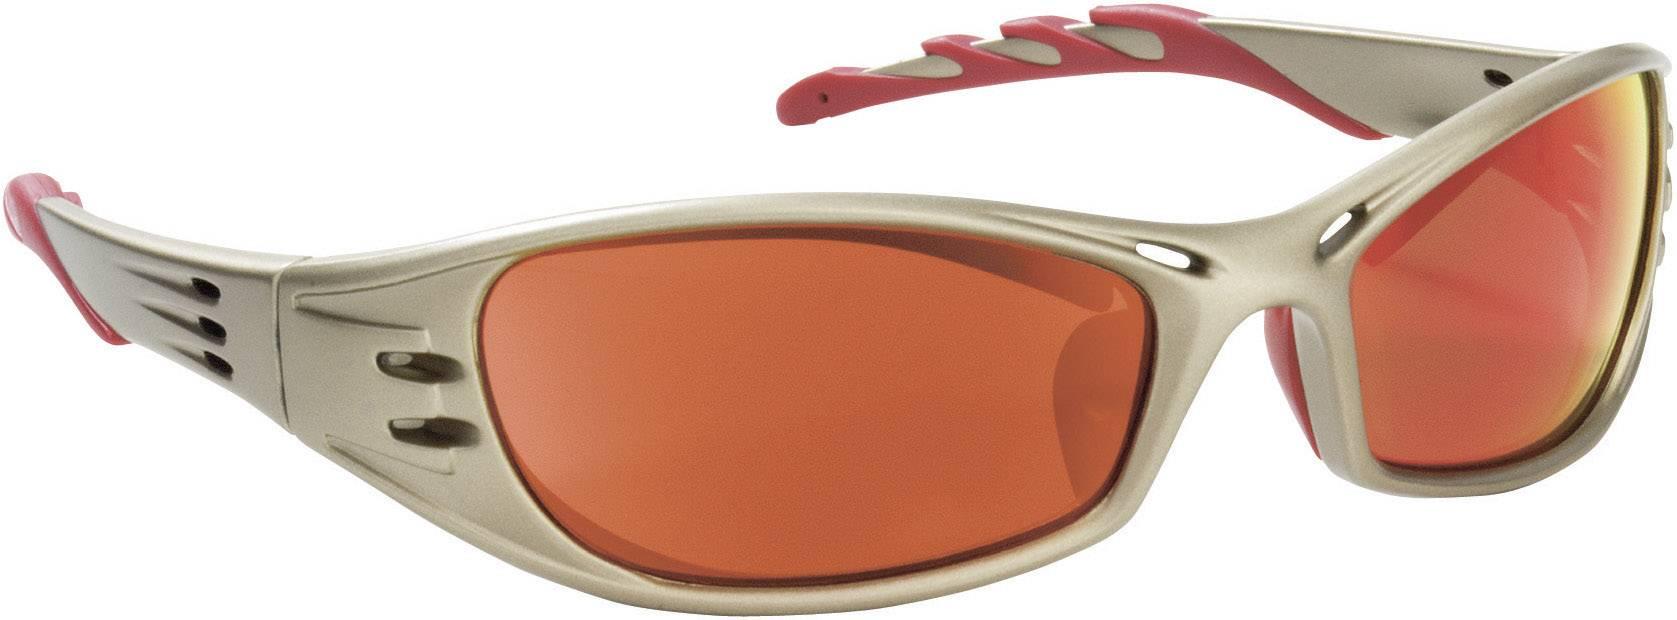 Ochranné okuliare 3M Fuel, červené